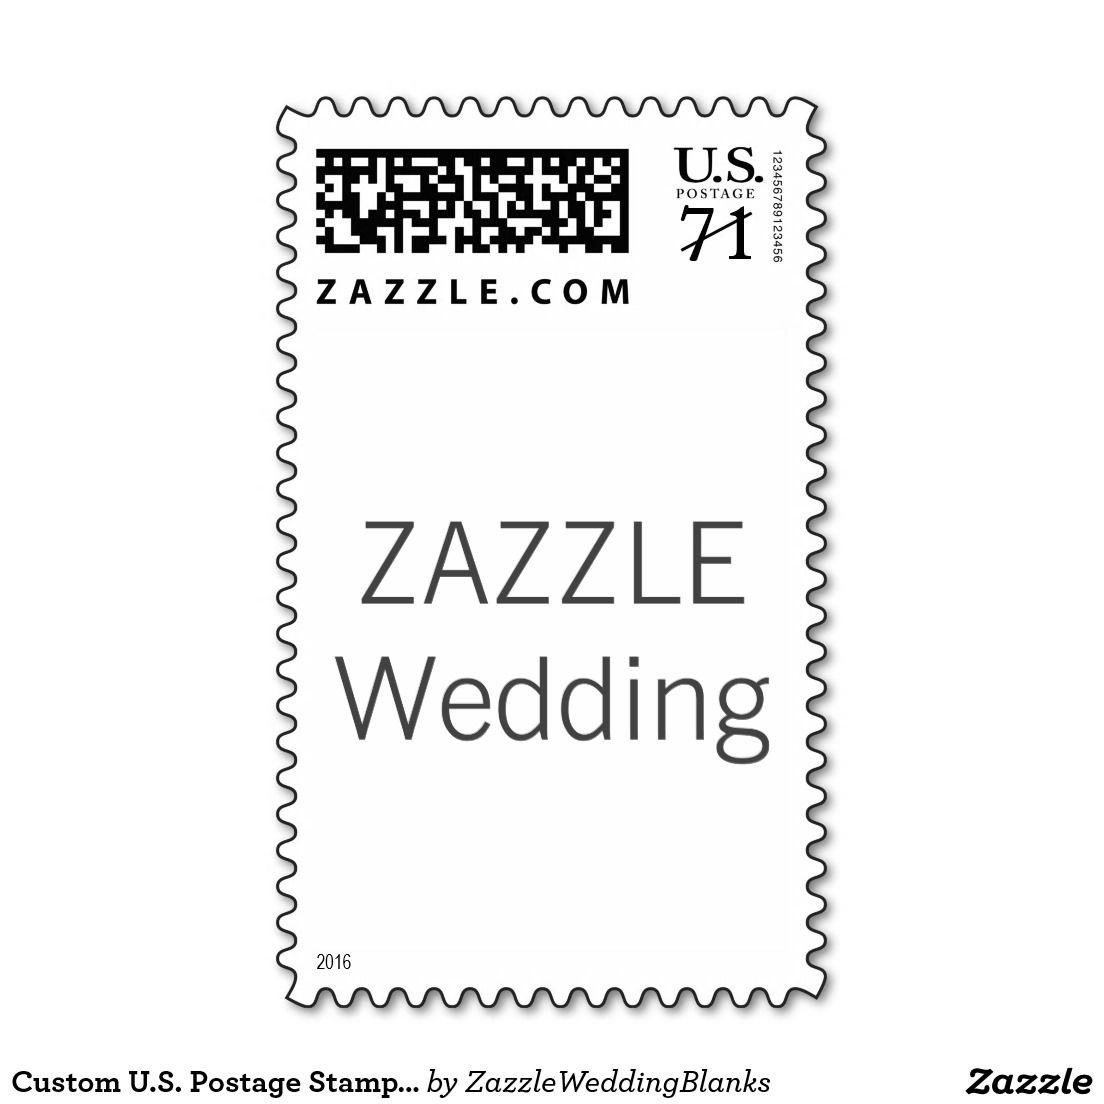 Custom U.S. Postage Stamp 1st Class Letter 1oz Odd